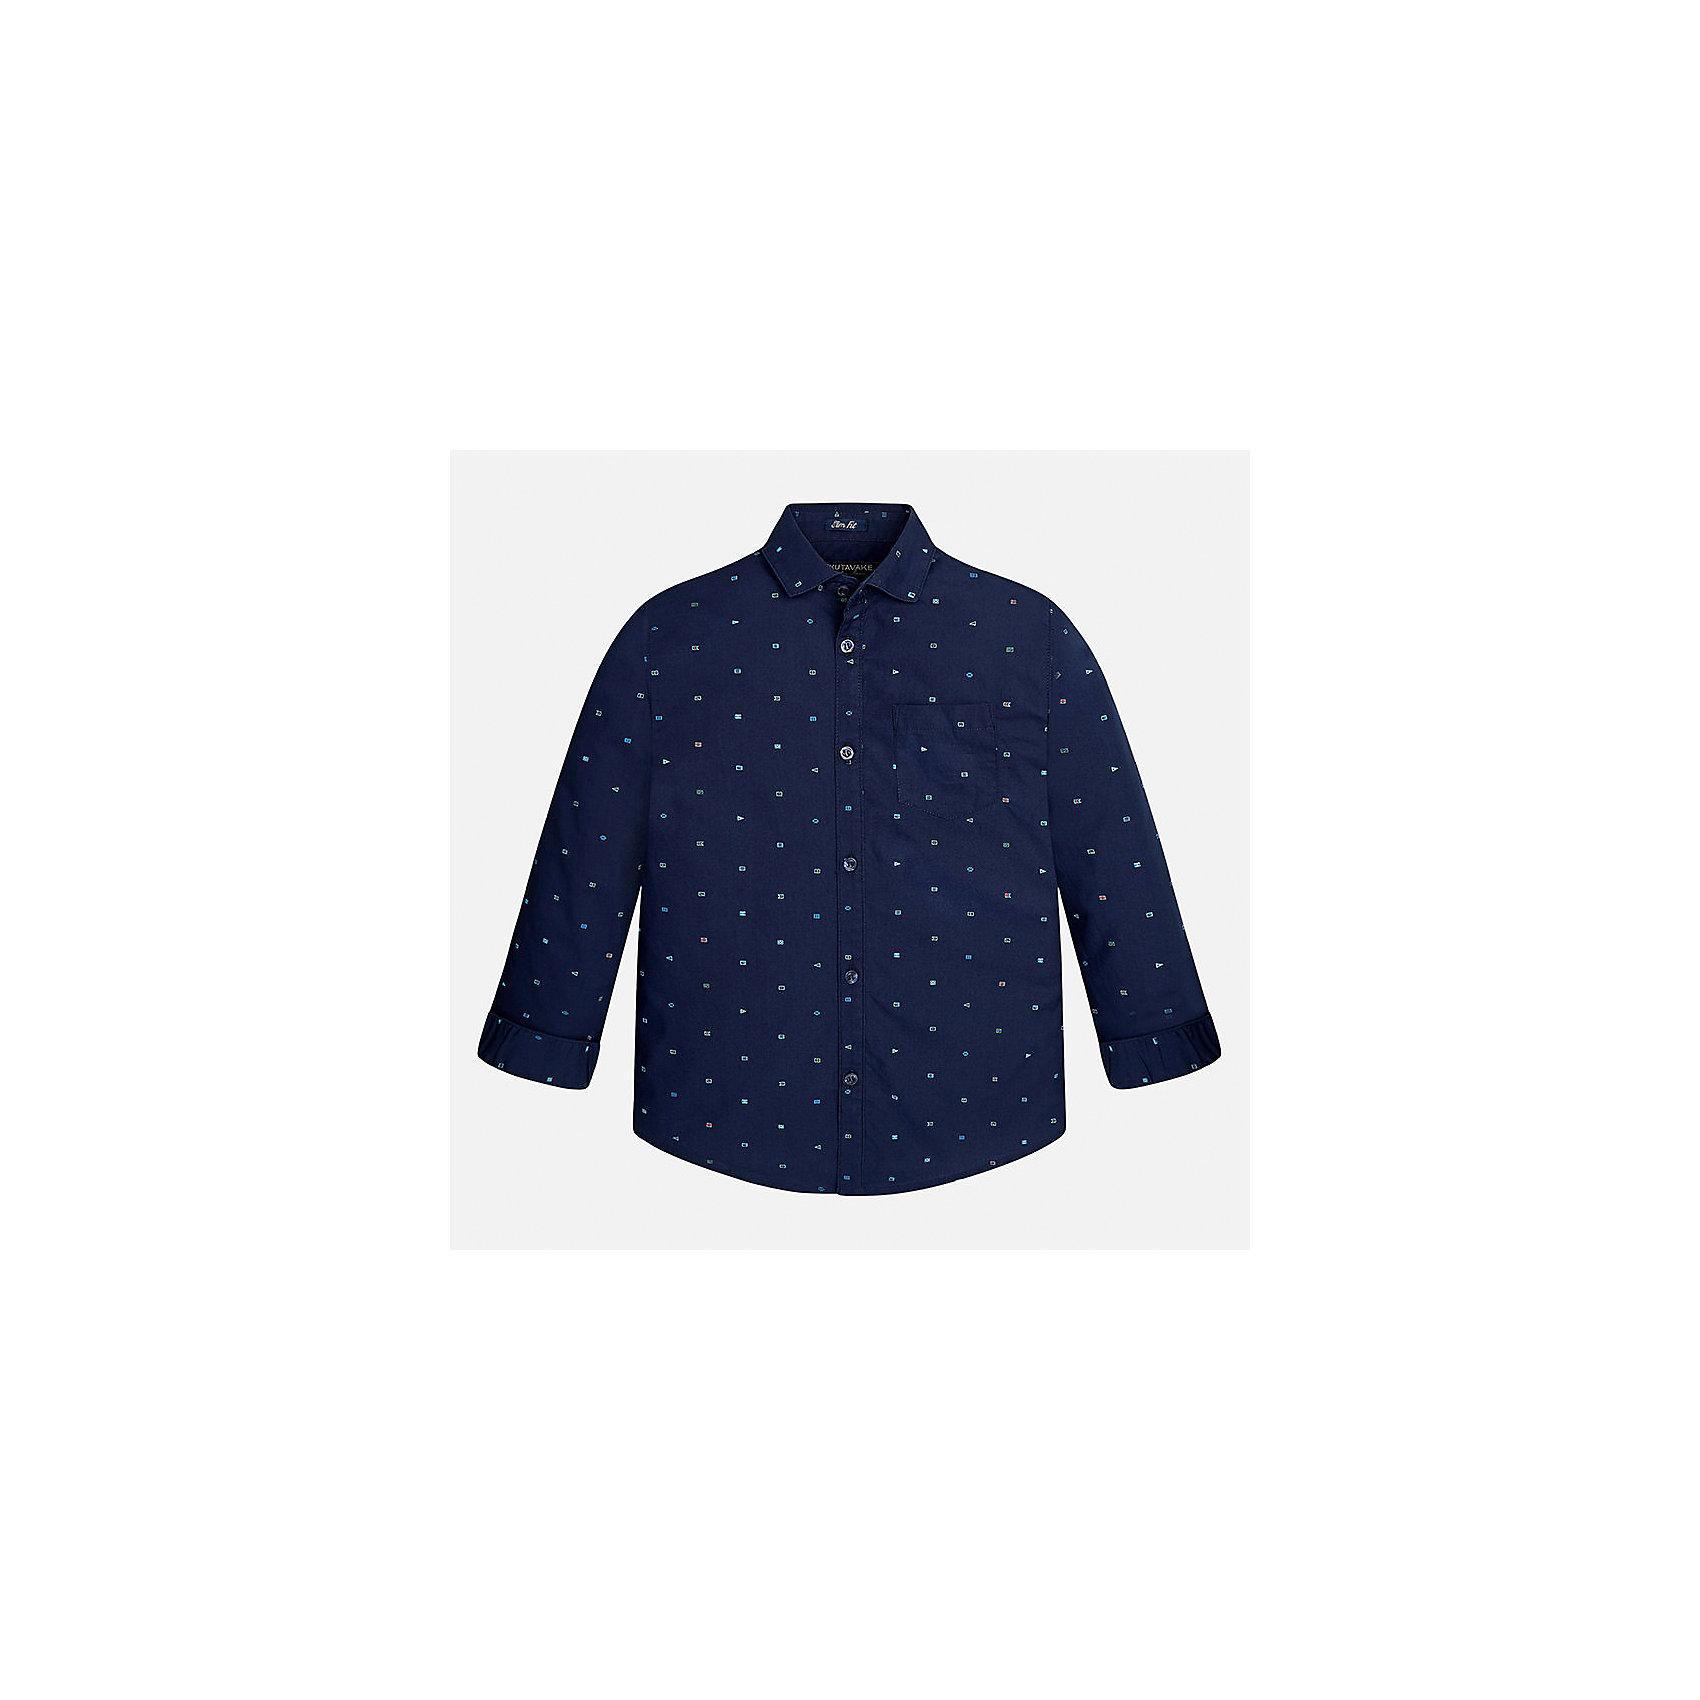 Рубашка Mayoral для мальчикаБлузки и рубашки<br>Характеристики товара:<br><br>• цвет: синий<br>• состав ткани: 100% хлопок<br>• сезон: демисезон<br>• особенности модели: школьная<br>• застежка: пуговицы<br>• длинные рукава<br>• страна бренда: Испания<br>• страна изготовитель: Индия<br><br>Такая рубашка с длинным рукавом для мальчика Mayoral удобно сидит по фигуре. Стильная детская рубашка сделана из натуральной хлопковой ткани. Отличный способ обеспечить ребенку комфорт и аккуратный внешний вид - надеть детскую рубашку от Mayoral. Детская рубашка с длинным рукавом сшита из приятного на ощупь материала. <br><br>Рубашку для мальчика Mayoral (Майорал) можно купить в нашем интернет-магазине.<br><br>Ширина мм: 174<br>Глубина мм: 10<br>Высота мм: 169<br>Вес г: 157<br>Цвет: синий<br>Возраст от месяцев: 108<br>Возраст до месяцев: 120<br>Пол: Мужской<br>Возраст: Детский<br>Размер: 140,170,164,158,152,128/134<br>SKU: 6933535